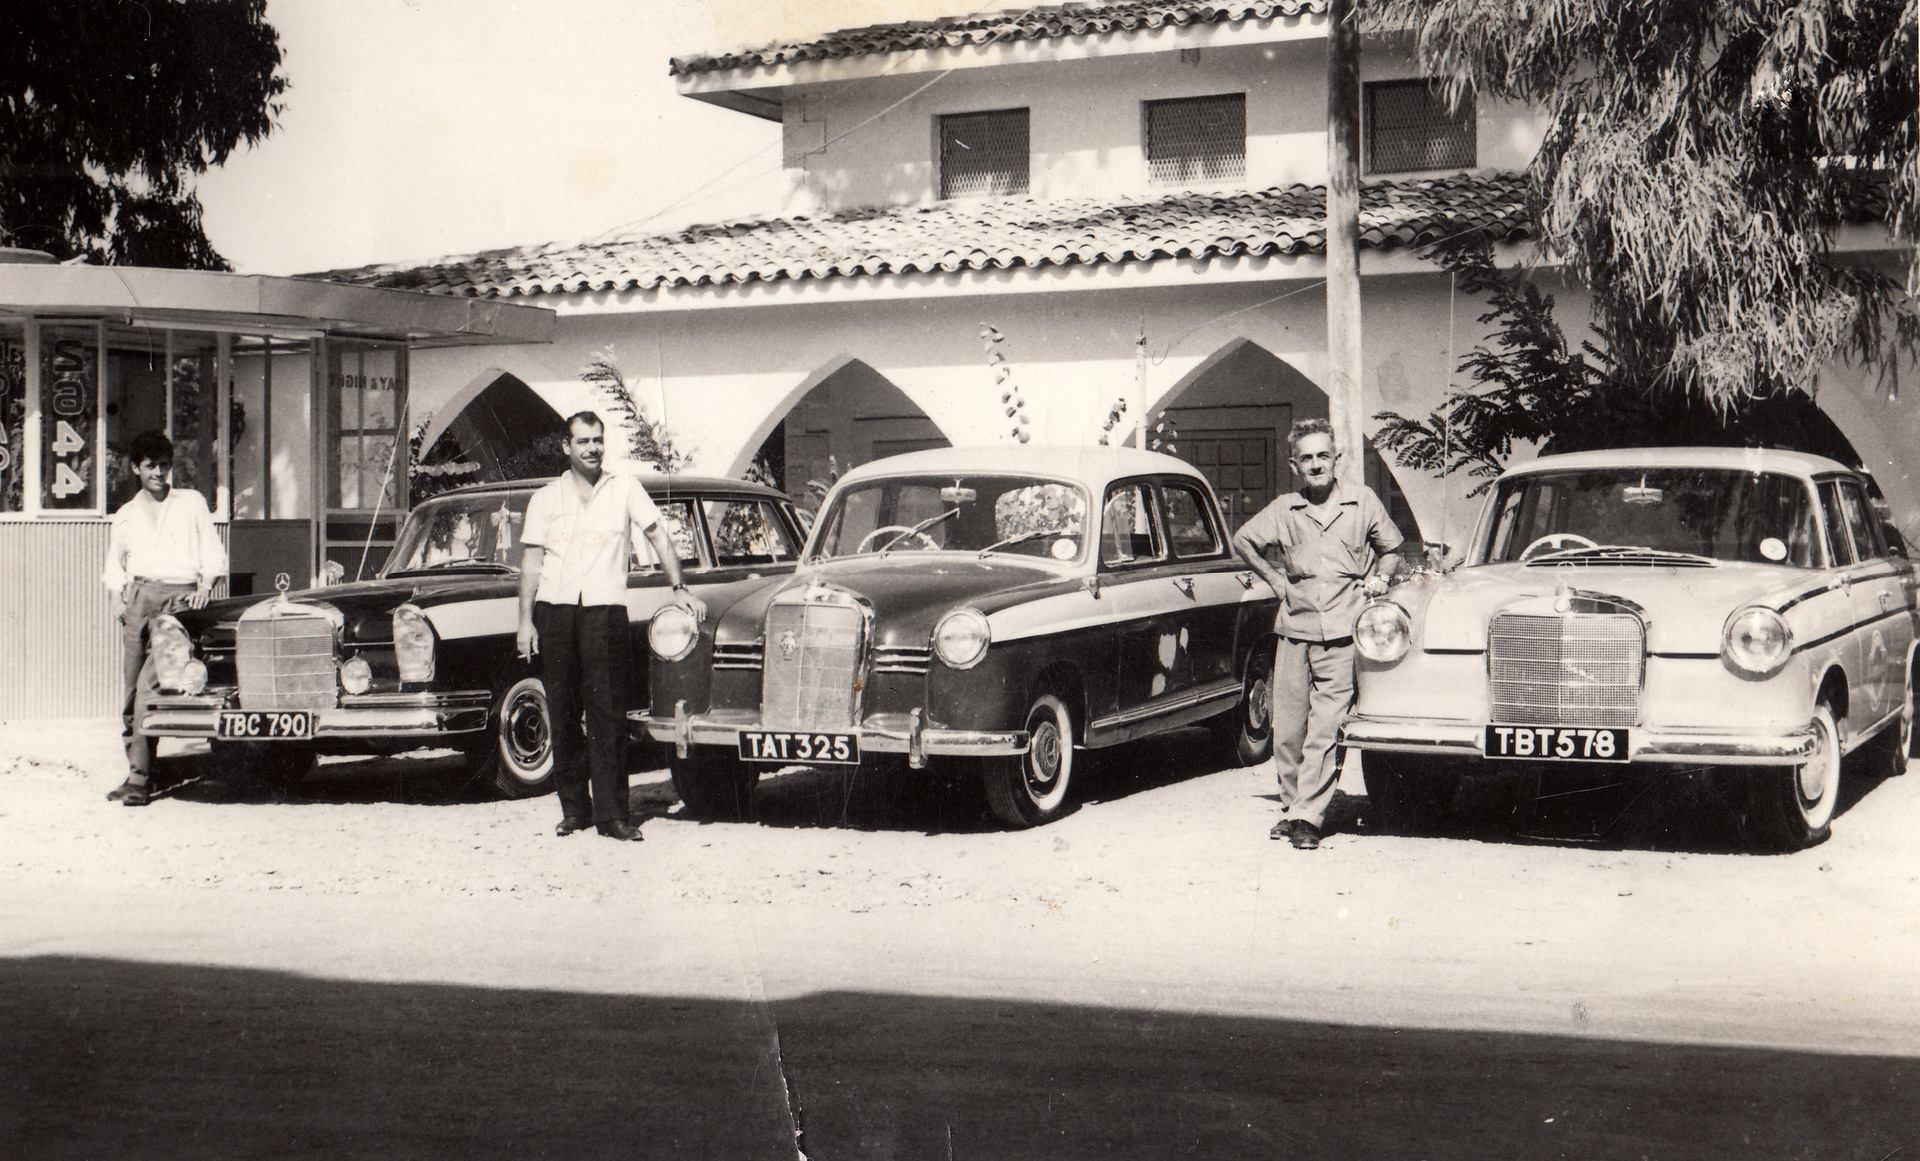 ΠΕΡΕΝΤΟΣ STORIES: Κύπρος Λουκά (1928-2011) – Ένας αλλιώτικος ταξιτζής